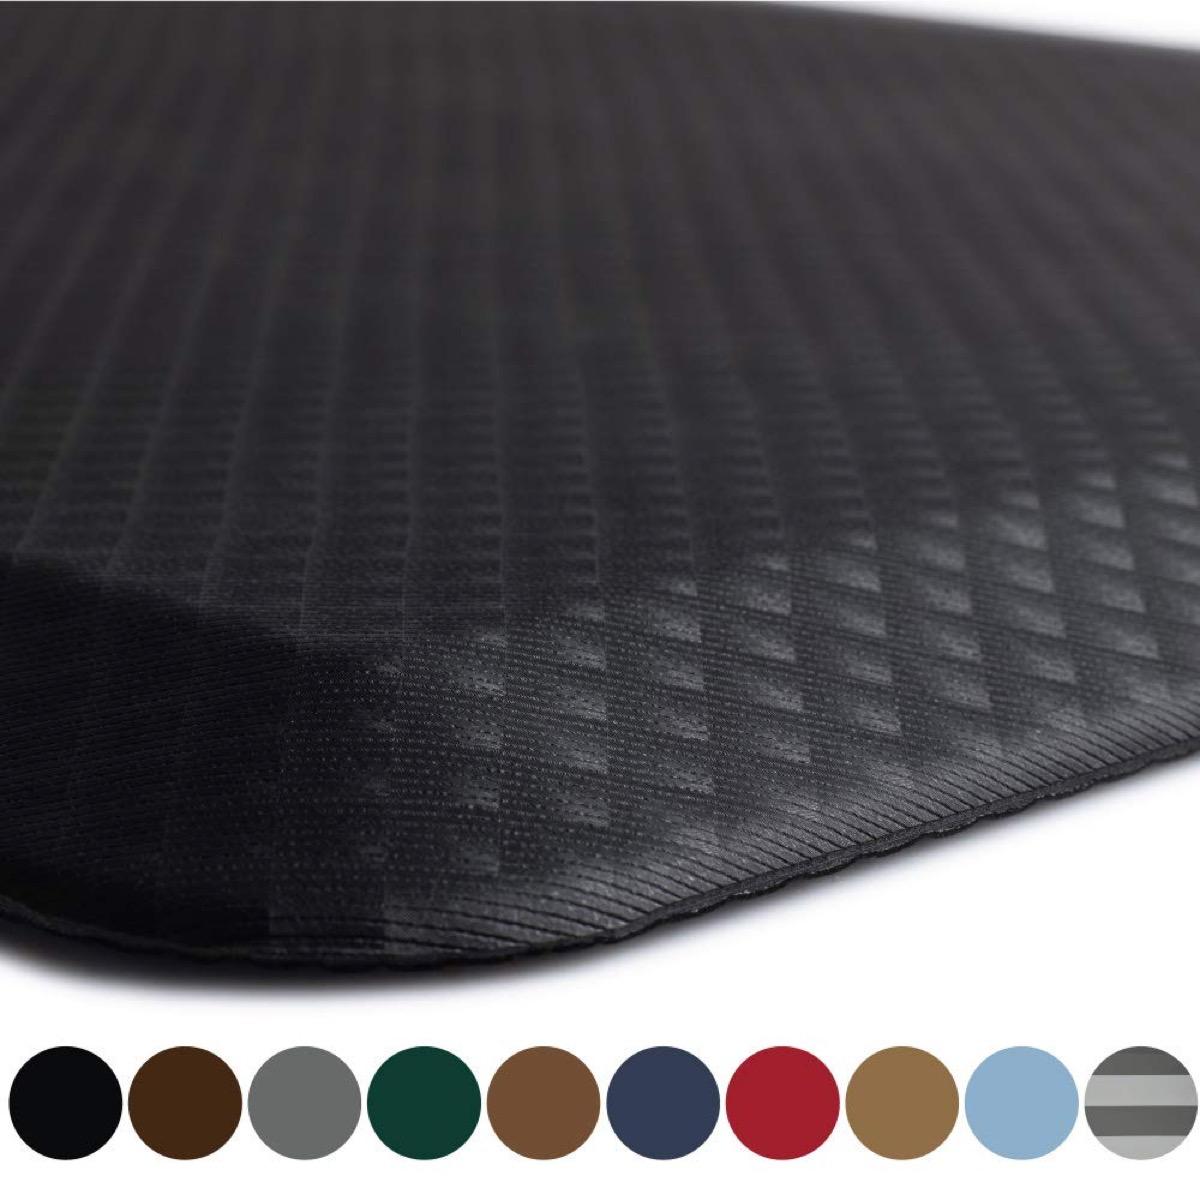 kangaroo original standing mat kitchen rug in black